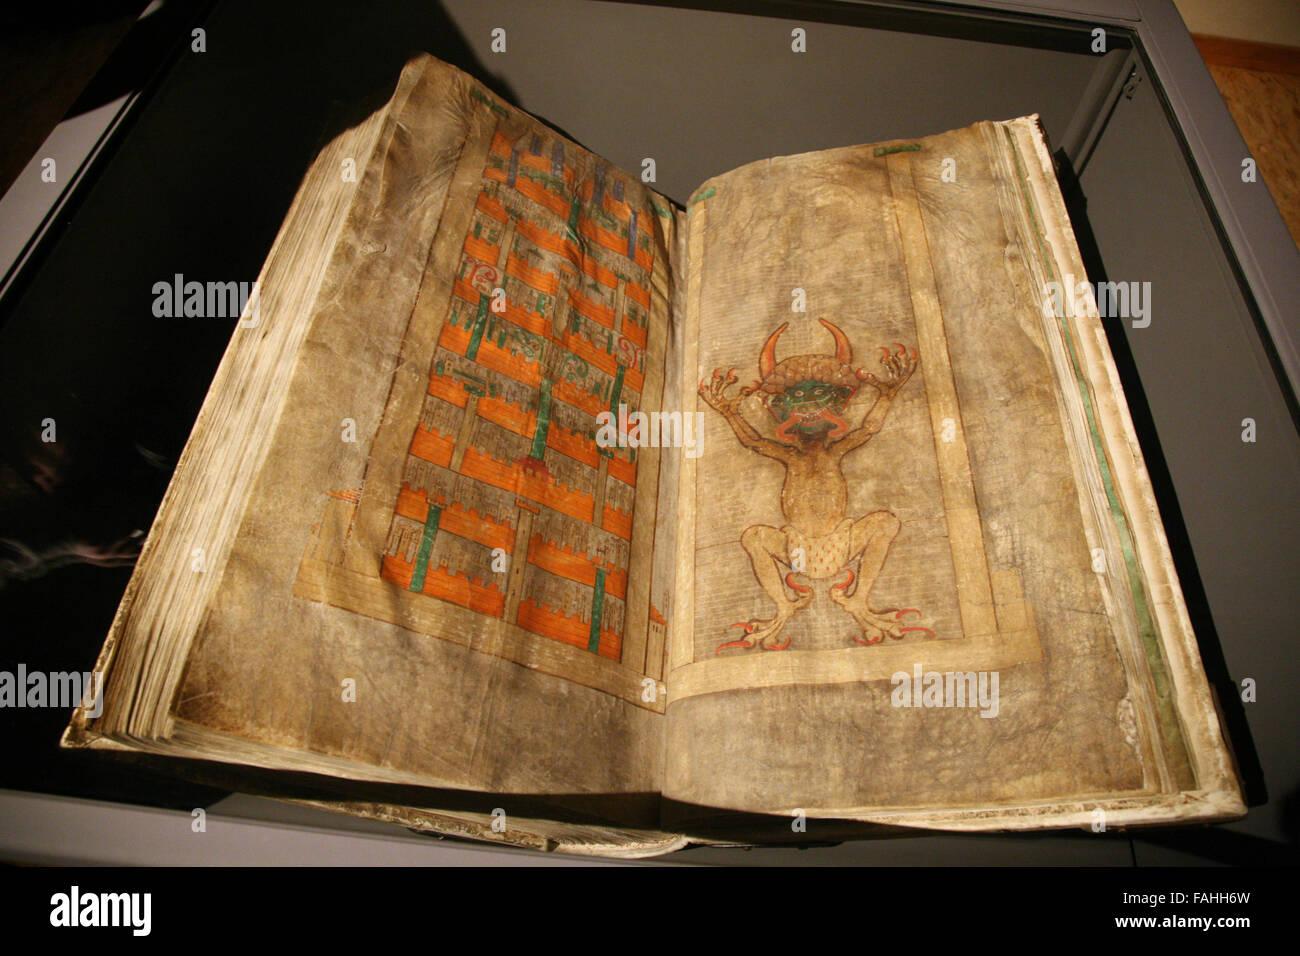 Die größte mittelalterliche Handschrift in der Welt bekannt als der Codex Gigas oder auch als des Teufels Stockbild